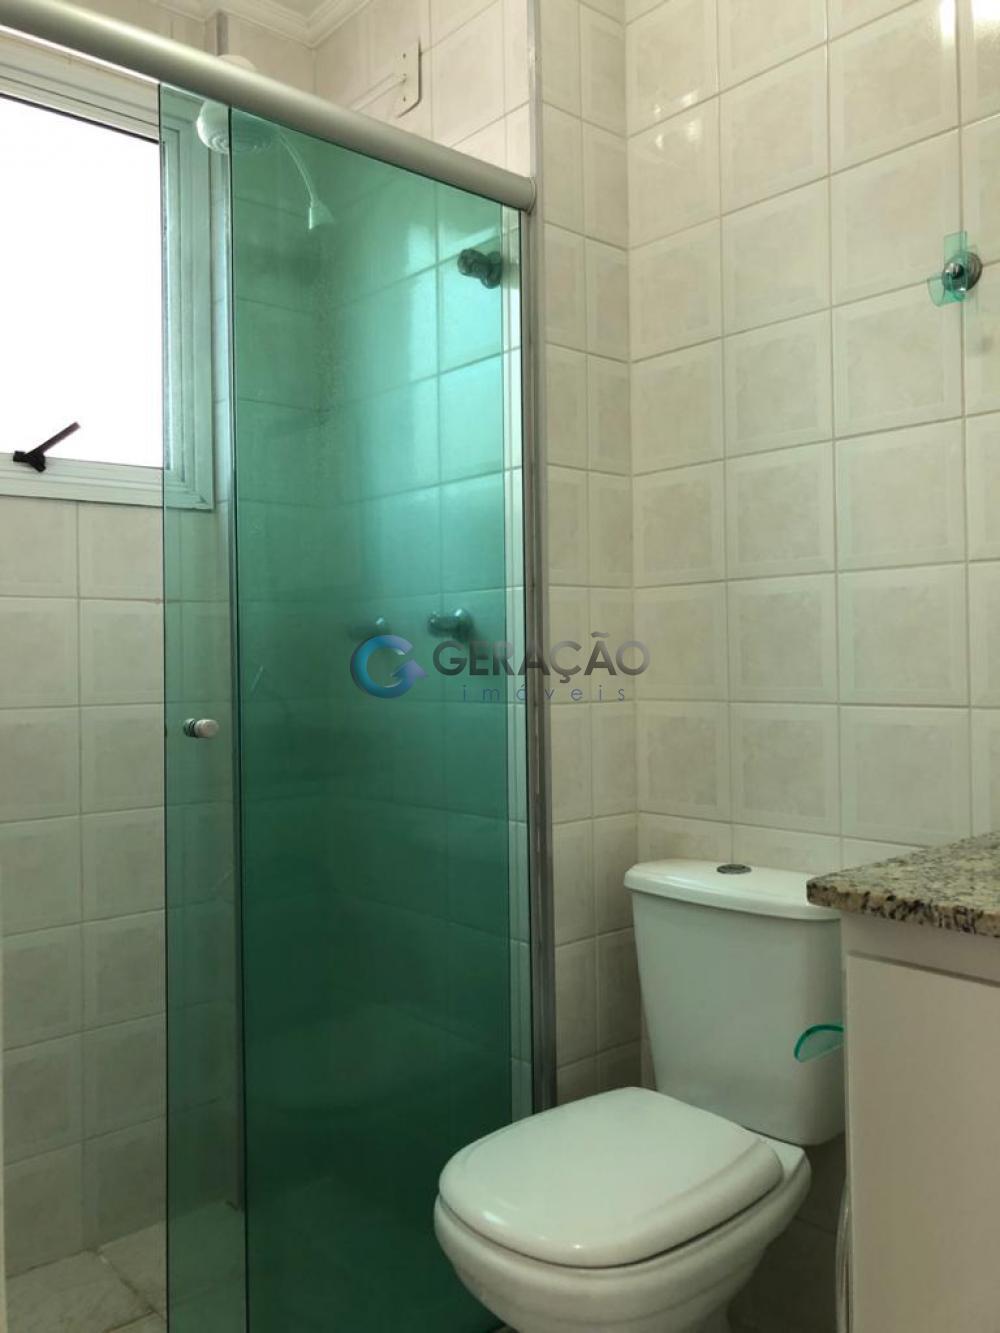 Comprar Apartamento / Padrão em São José dos Campos R$ 480.000,00 - Foto 14